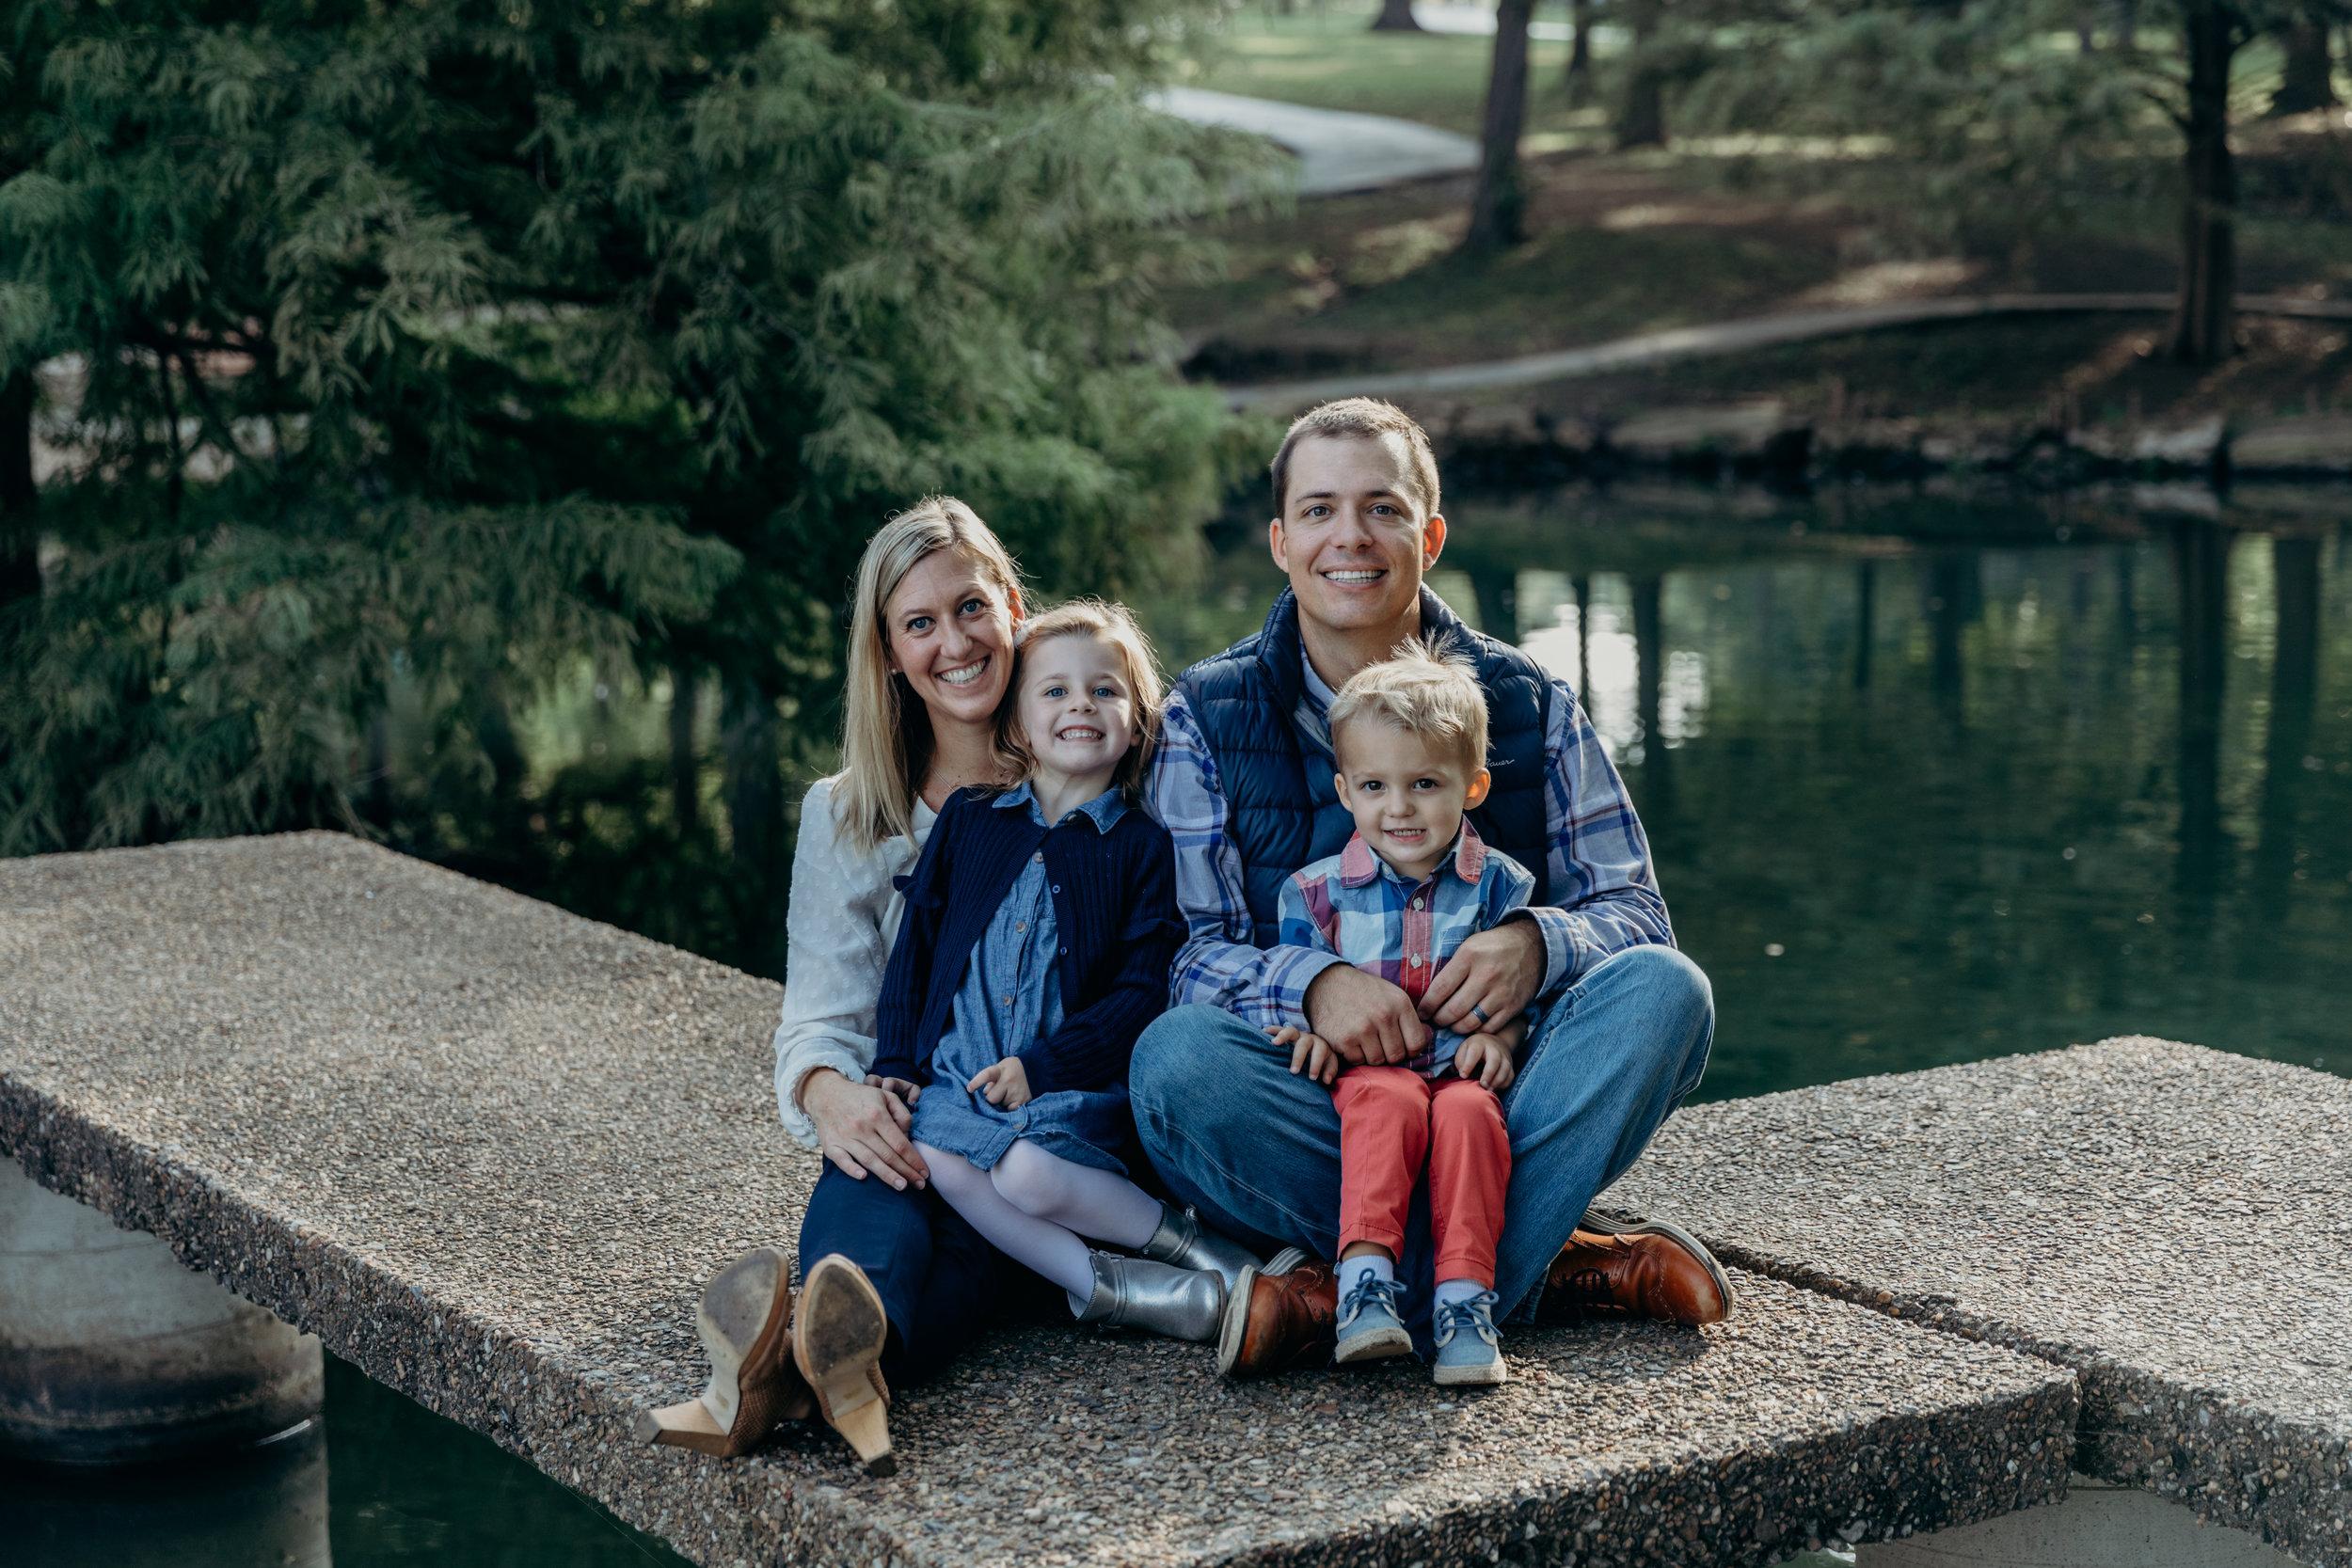 Will Family Antioch Park Session-103.jpg